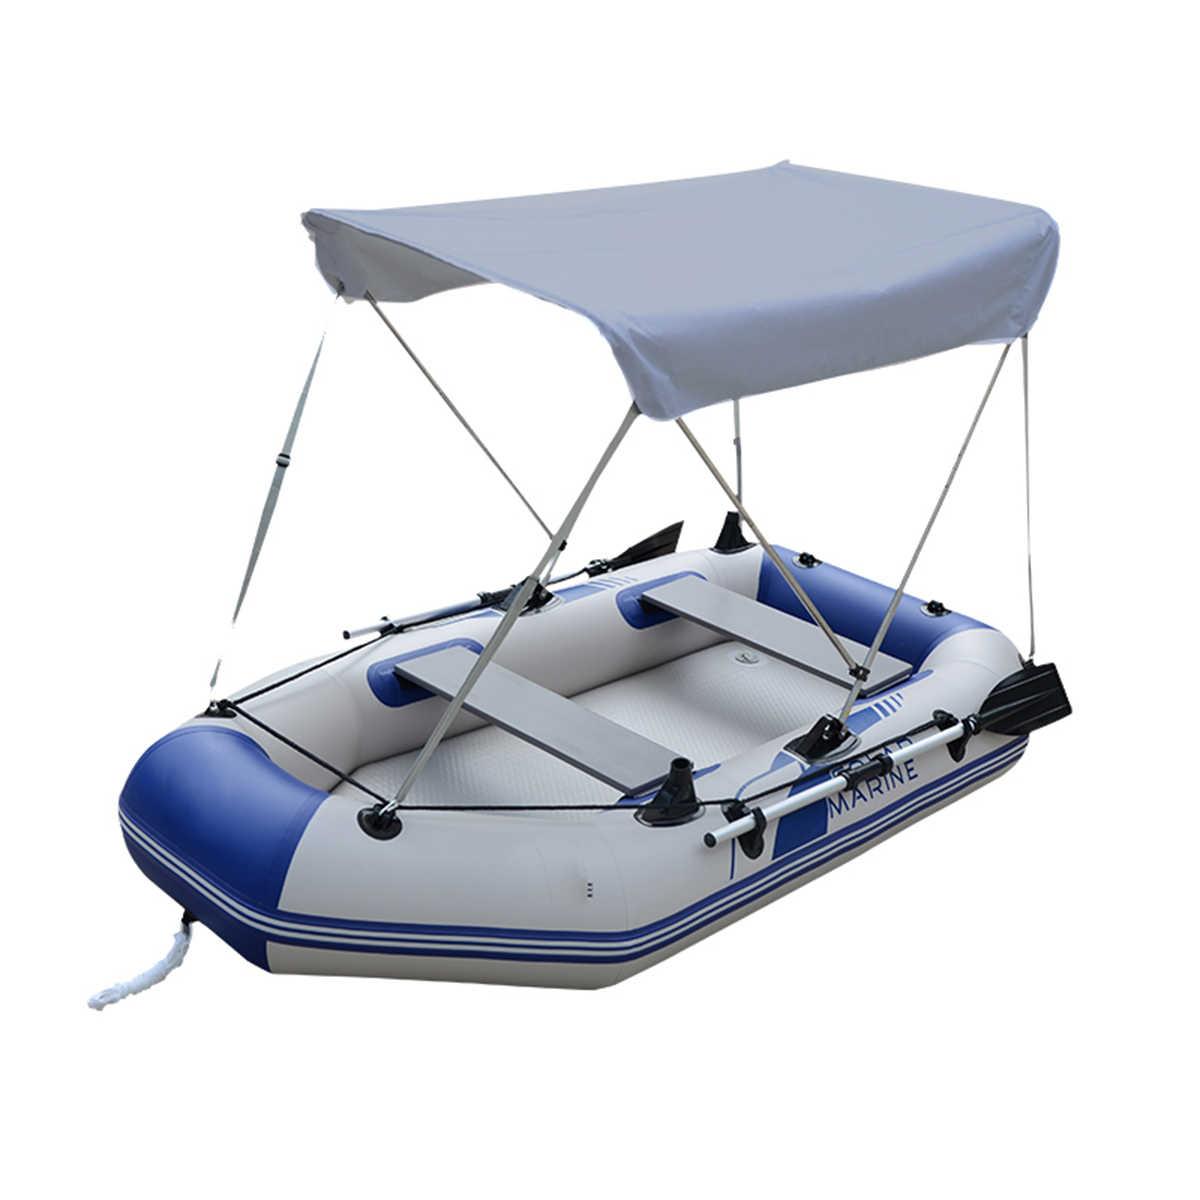 Anjinguang Abri Pare-Soleil pour Bateau Parasol De P/êche pour Bateau Gonflable Kit De Kayak pour Auvent De Pluie Pare-Soleil Pliable